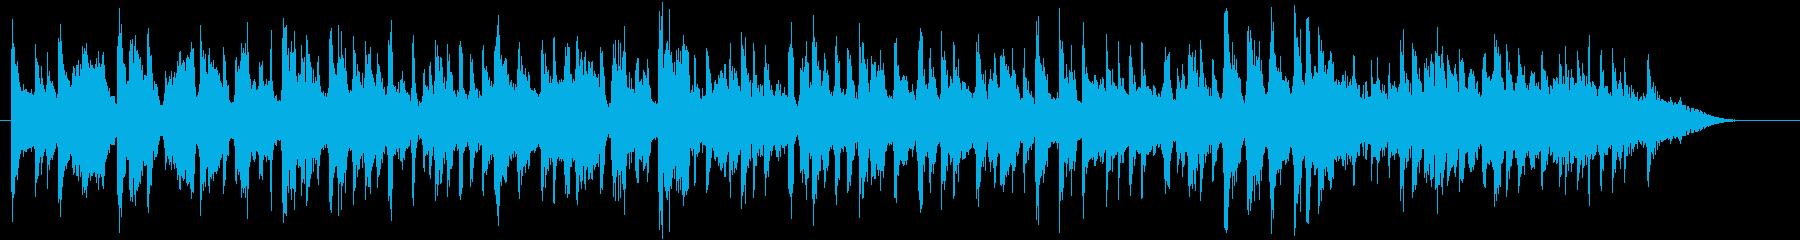 牡蠣をテーマにした楽曲の再生済みの波形